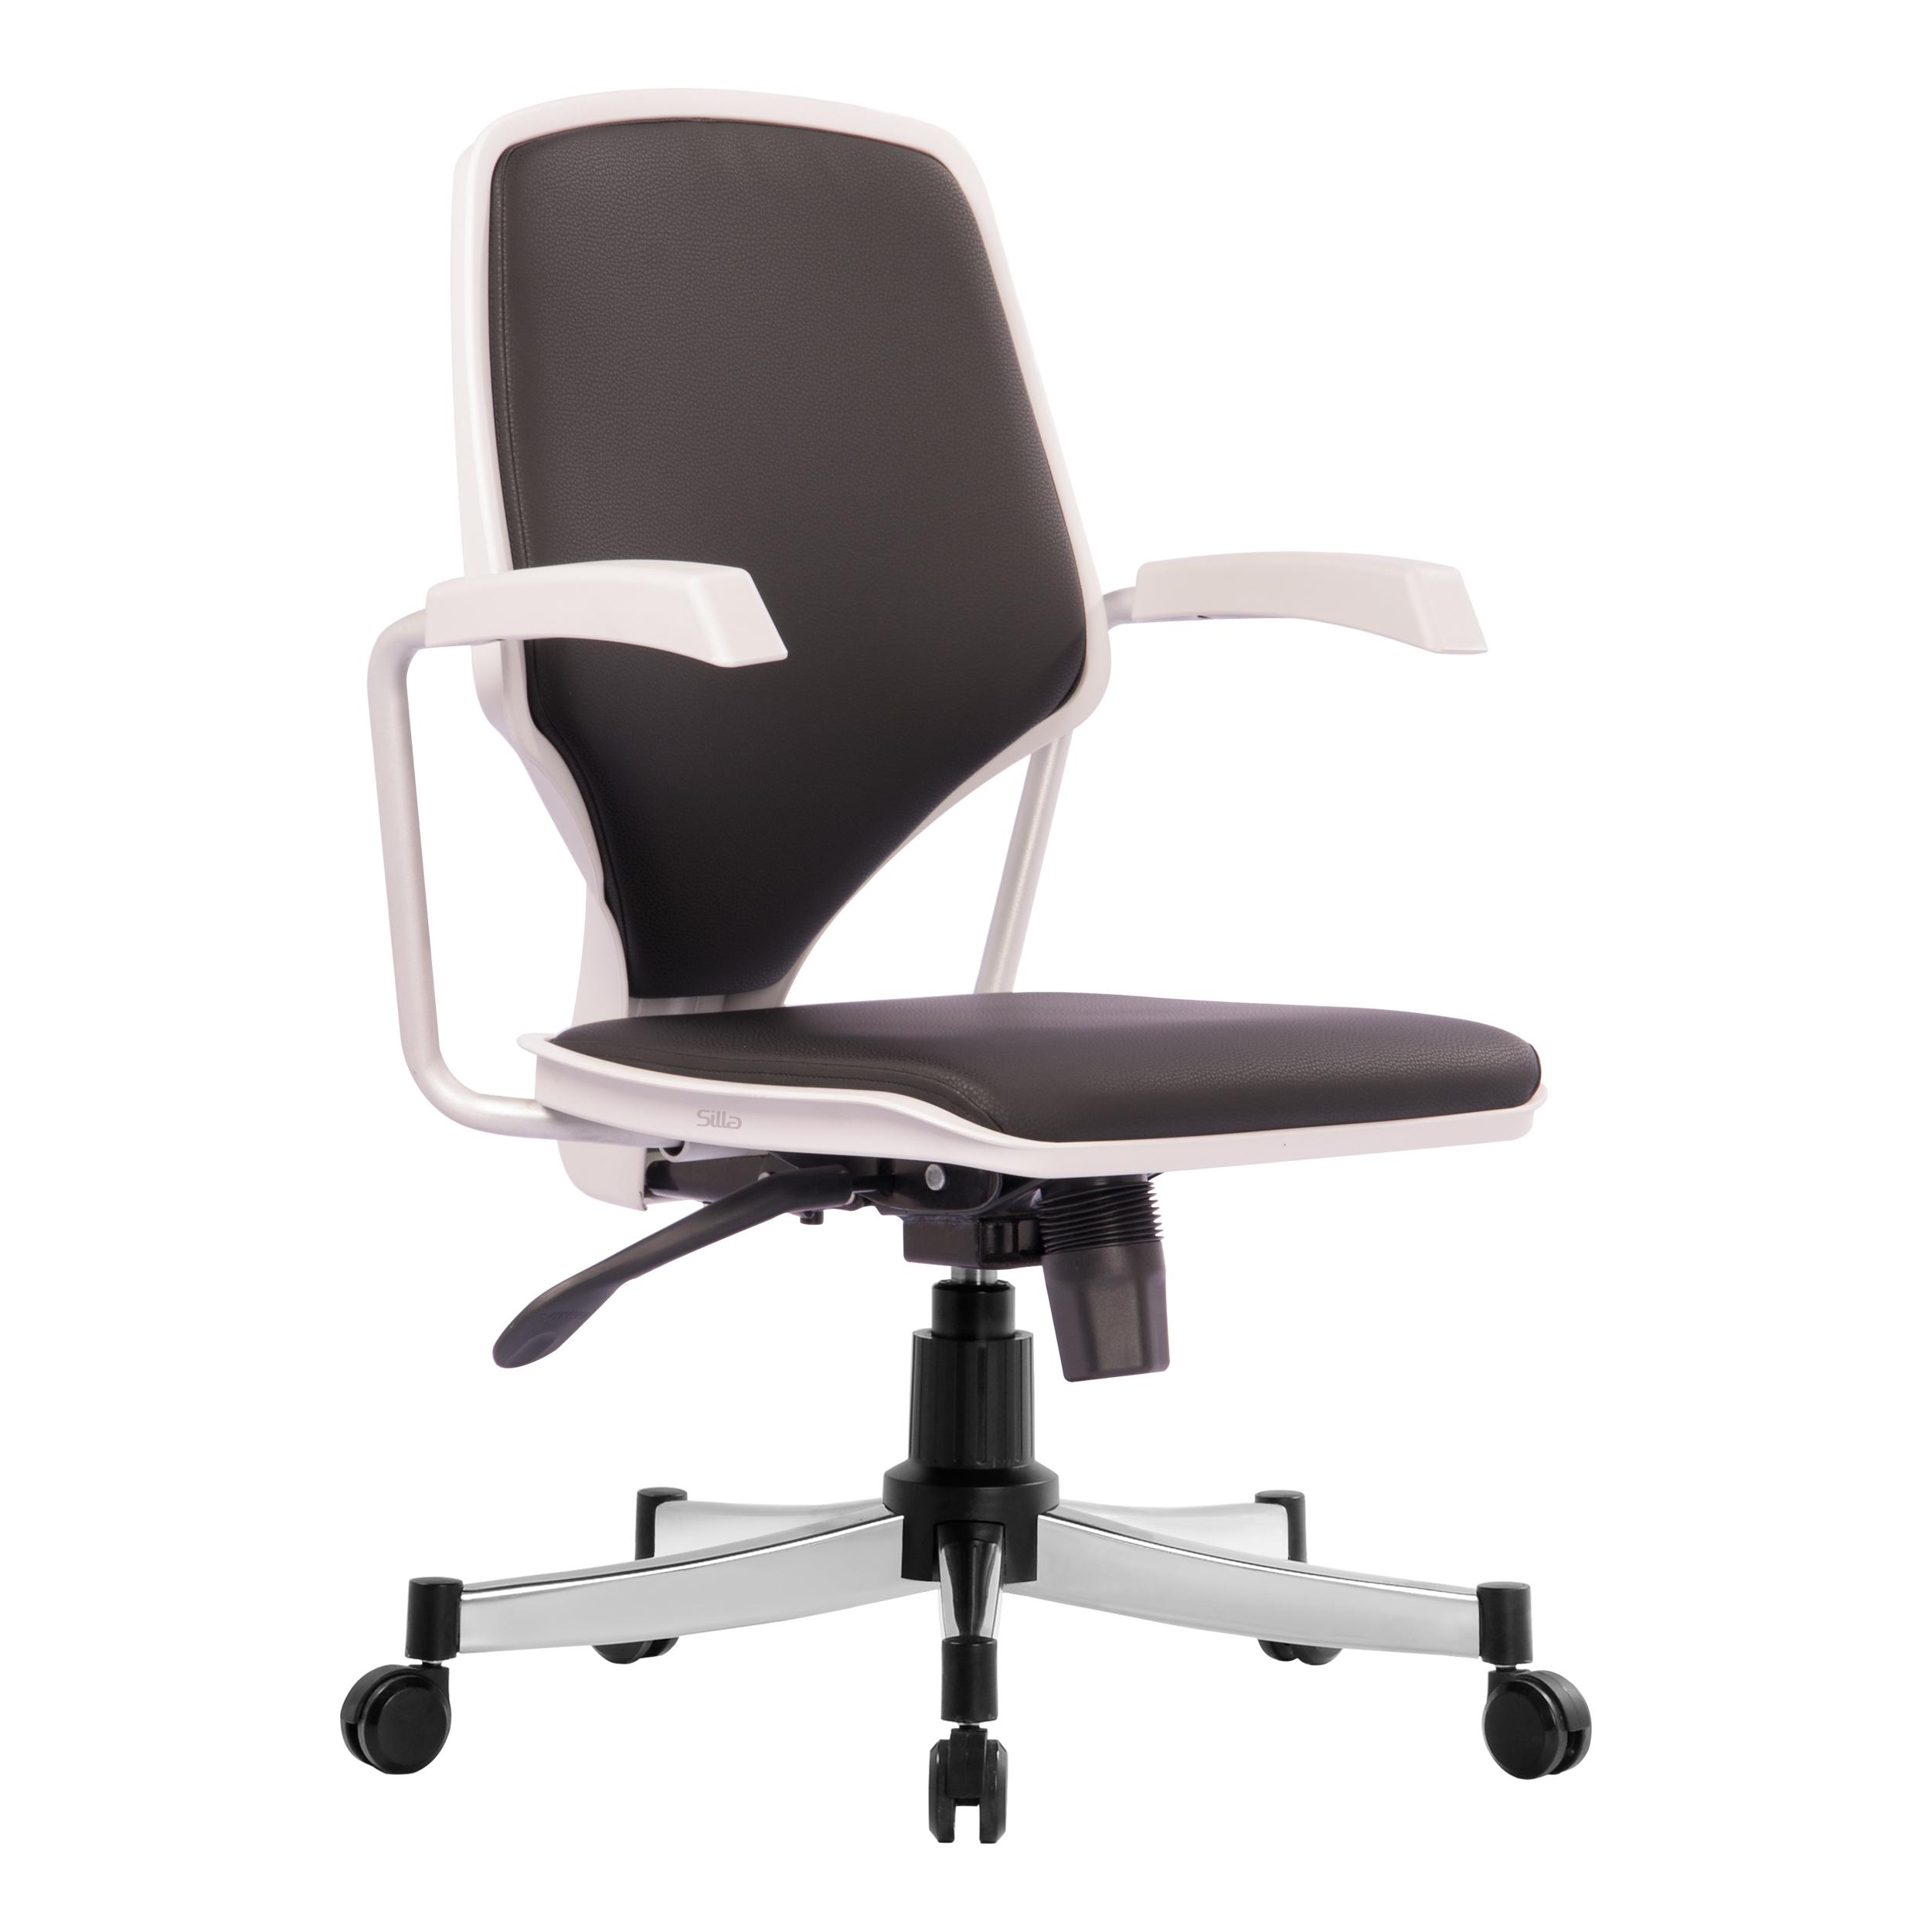 صندلی اداری سیلا مدل K25qi